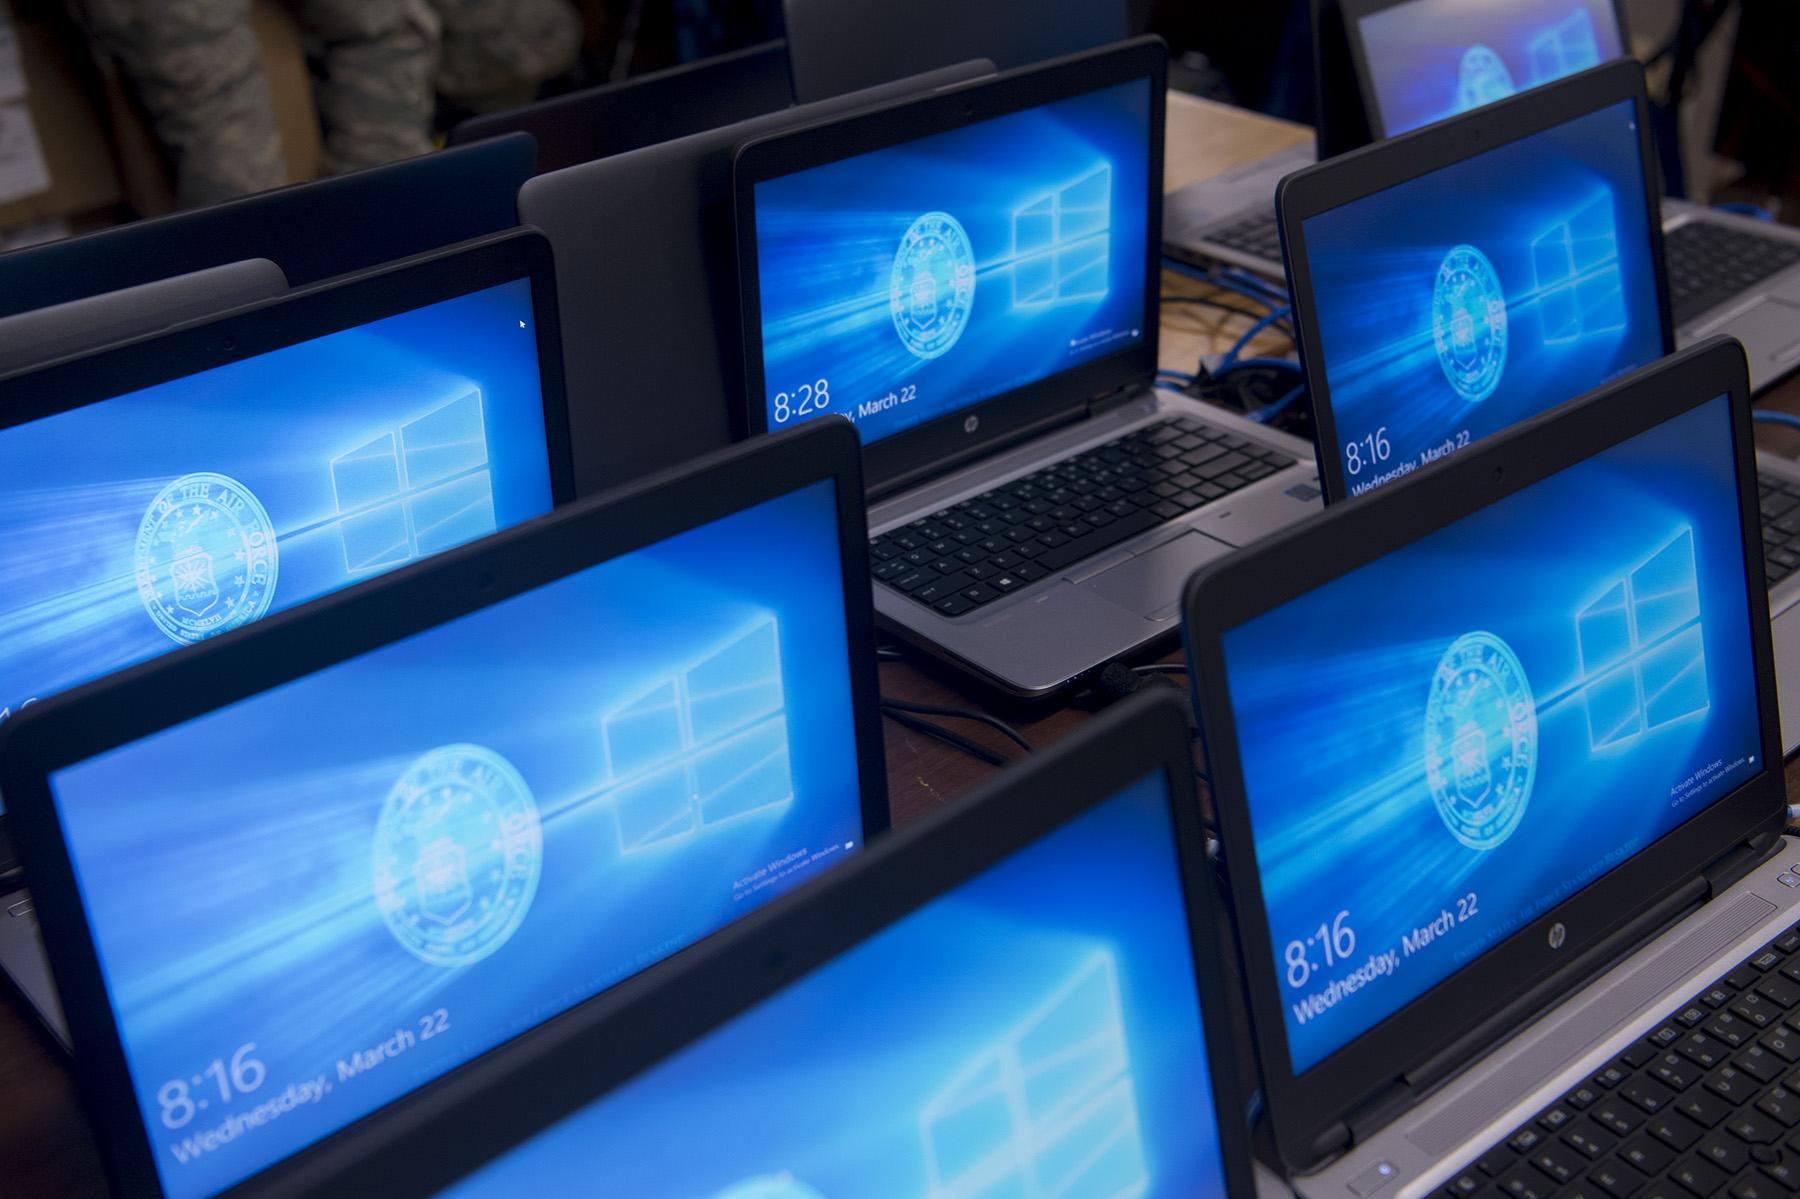 El panel de control pierde las herramientas administrativas en Windows 10